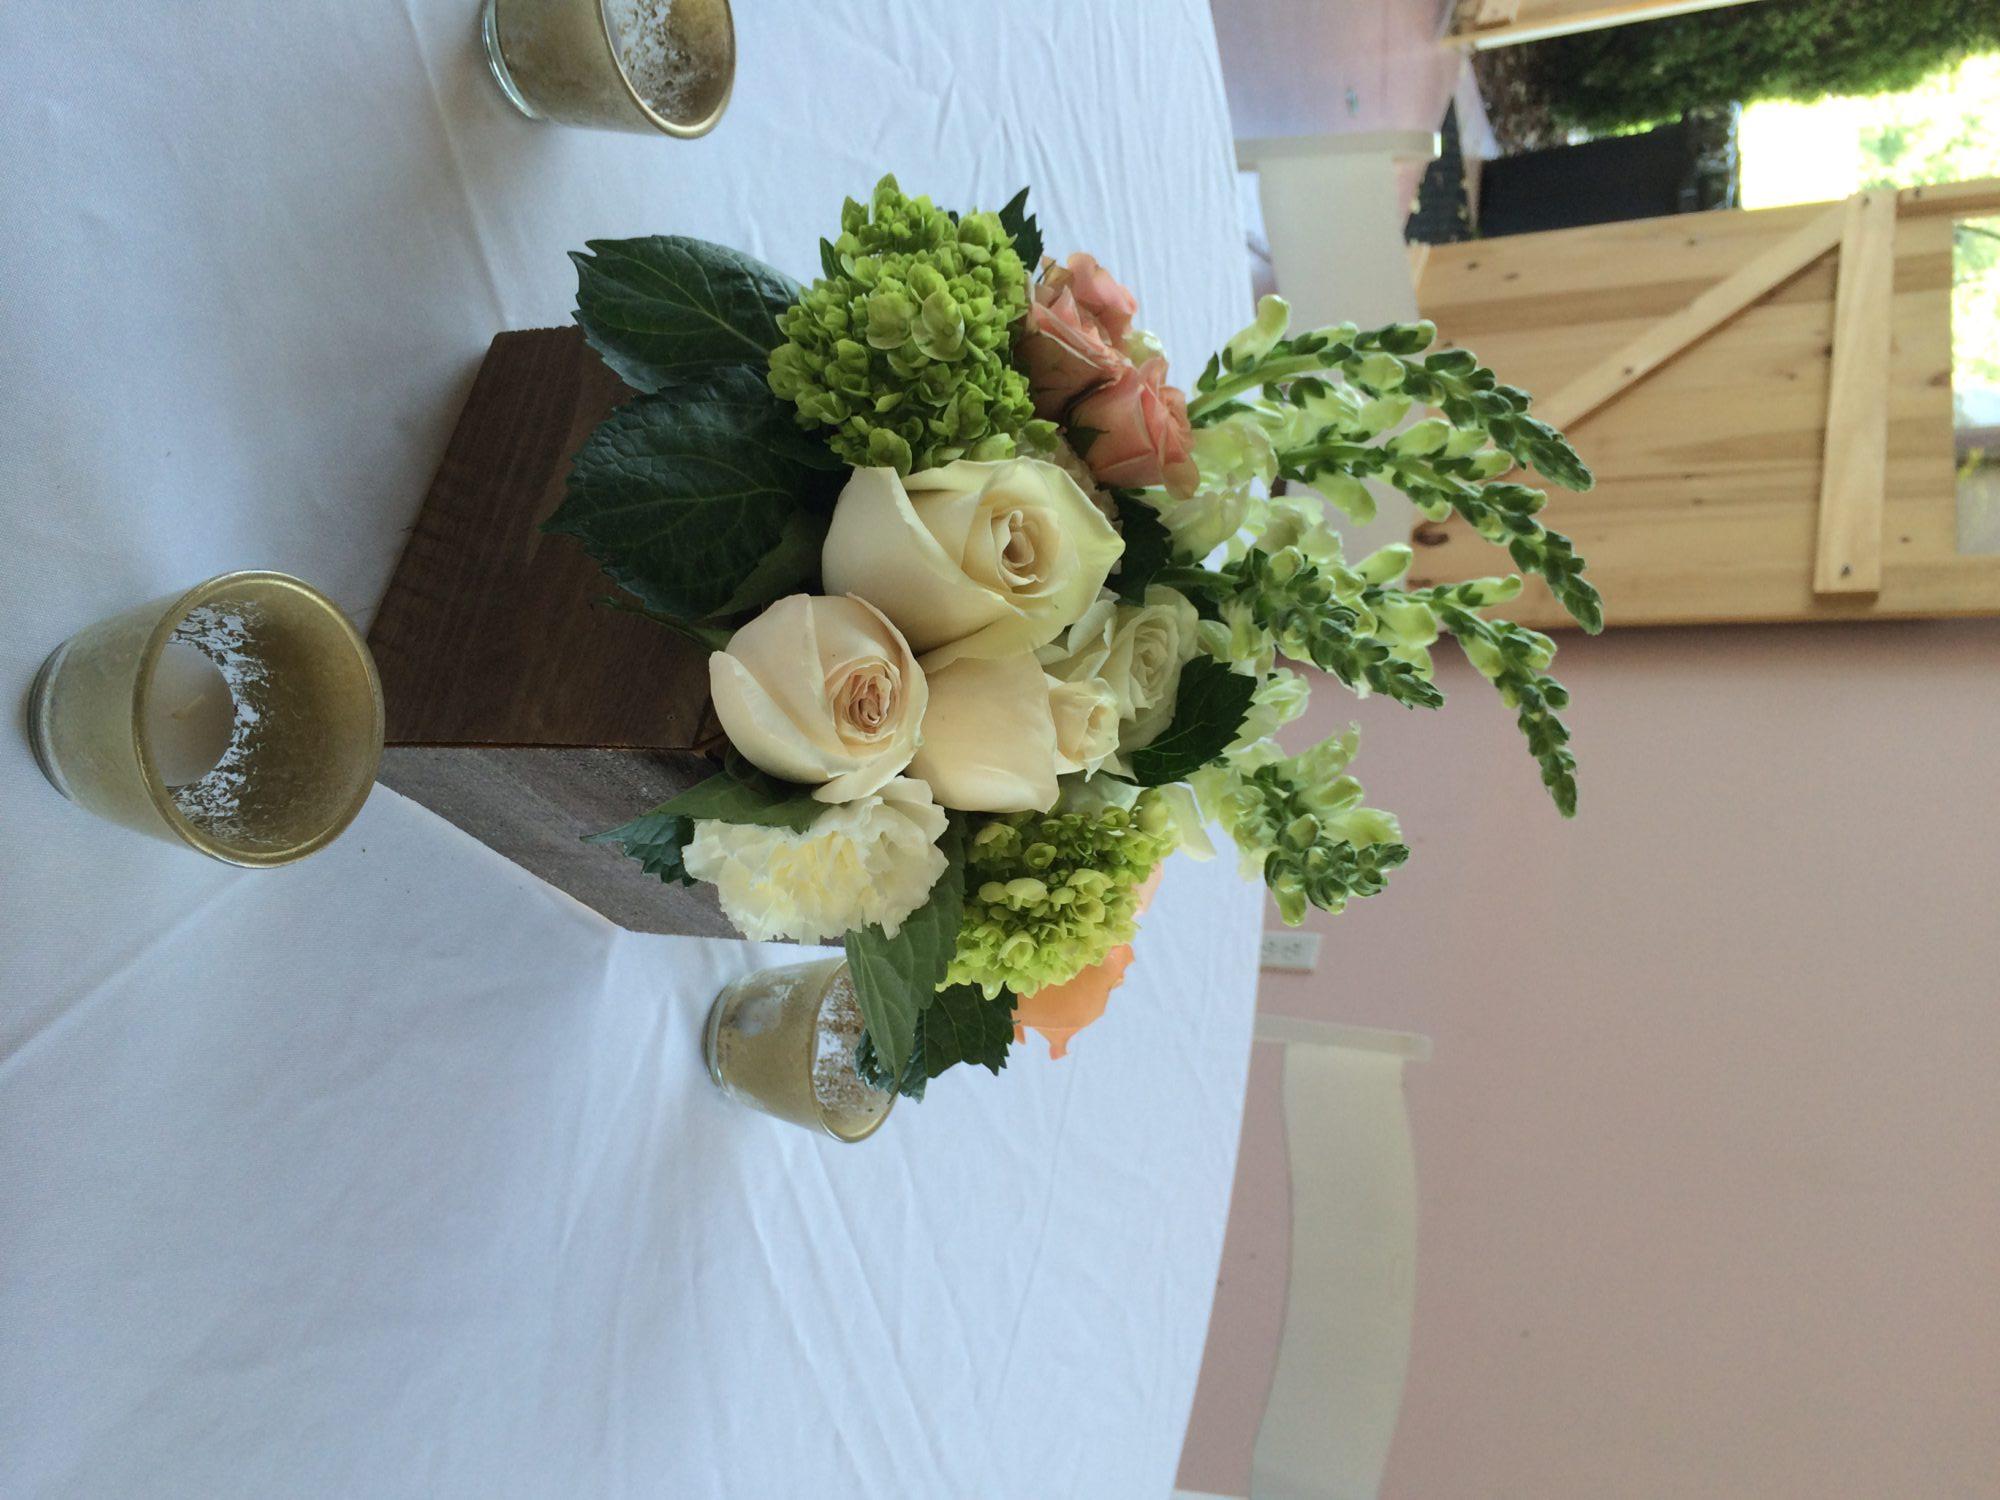 Fall catch up wedding flowers fall catch up wedding flowers izmirmasajfo